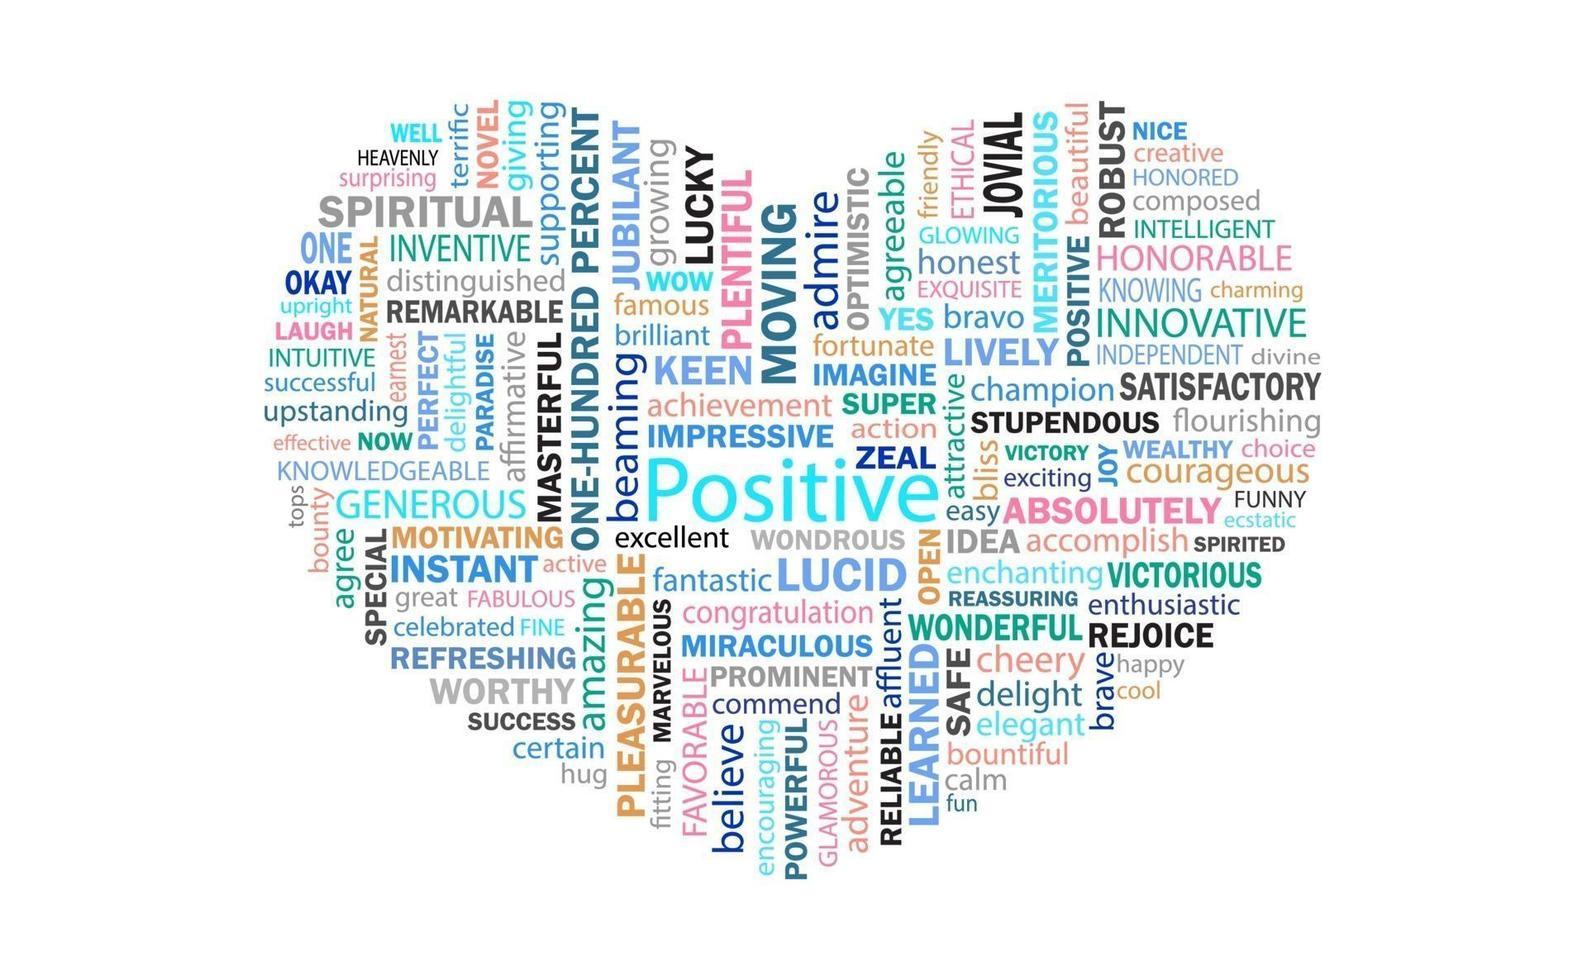 das Herzstück positiv denkender Worte für Kommunikation und Bestätigung. vektor